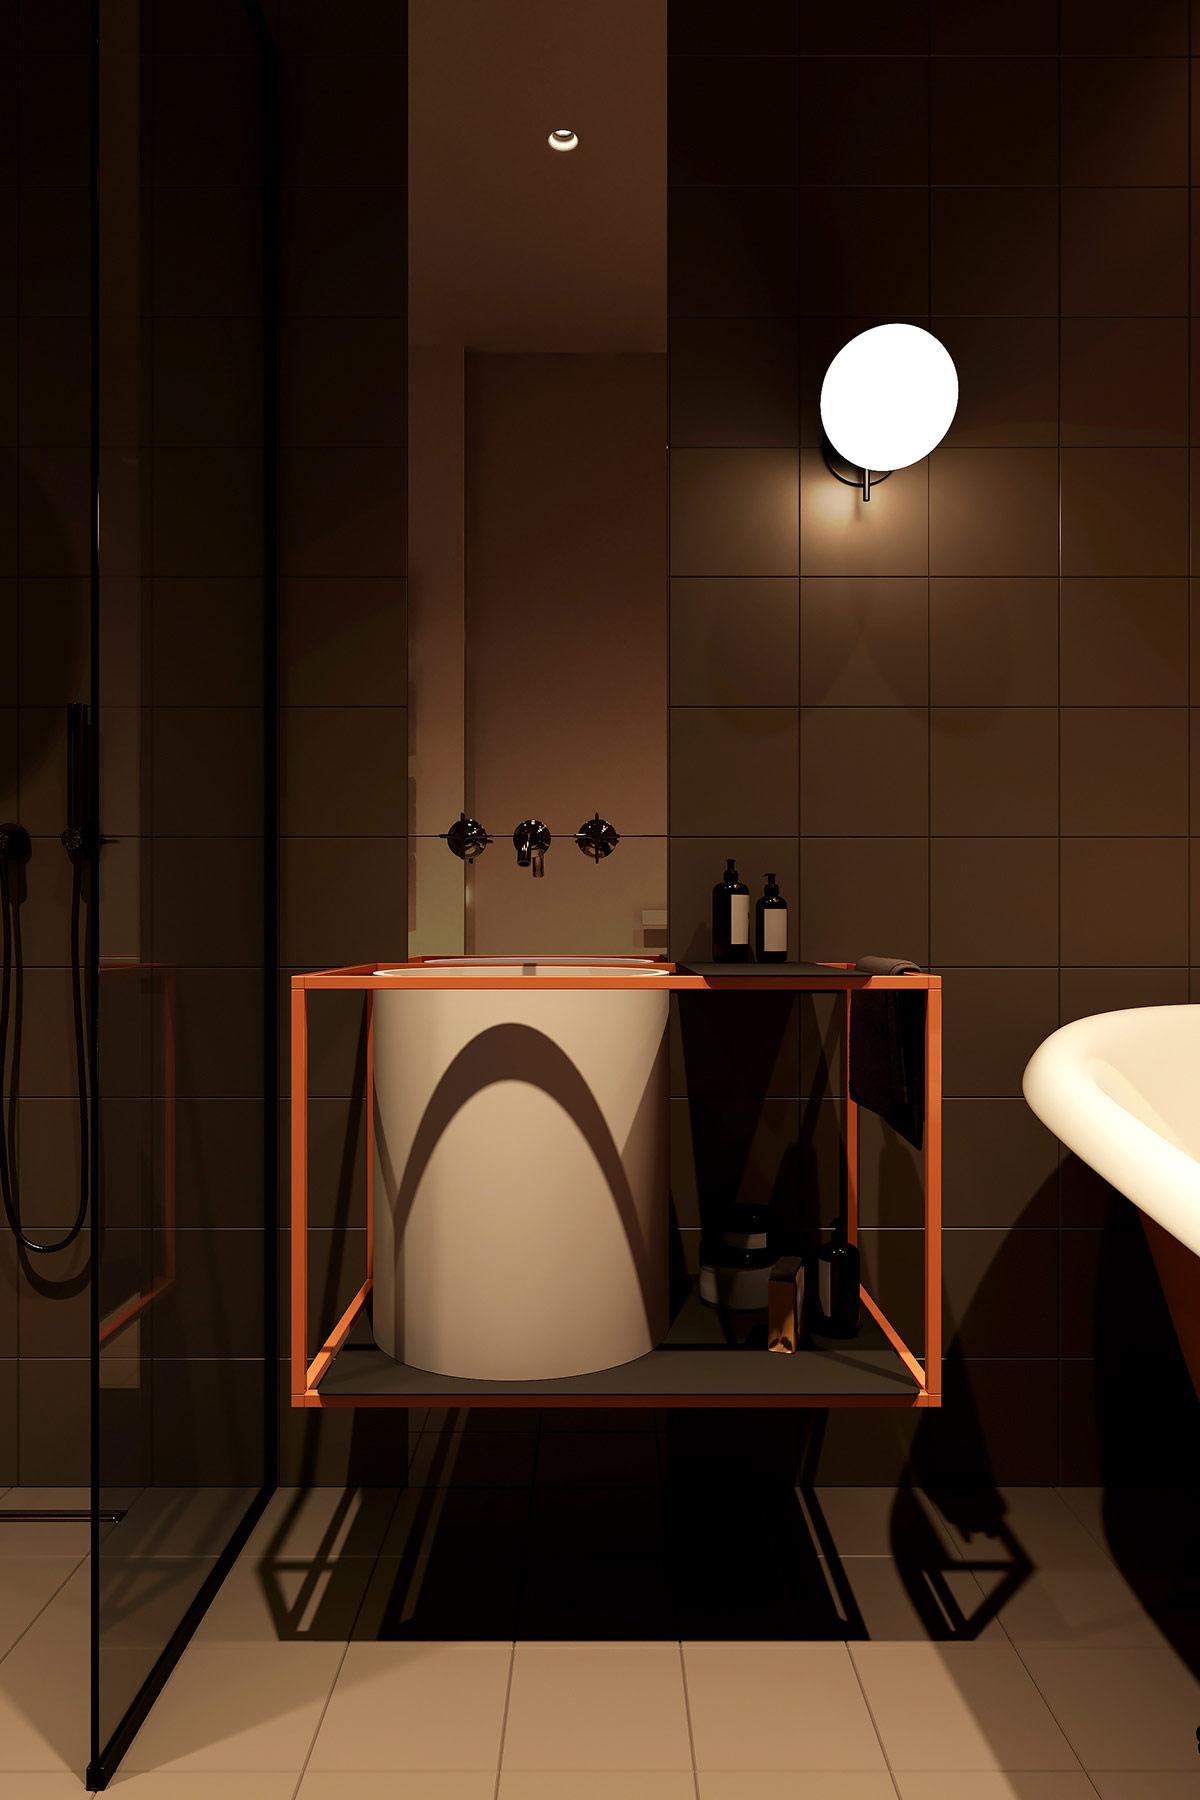 Trên nền gạch màu xám đen, thiết kế bồn rửa mặt cùng giá đỡ màu cam độc đáo  càng thêm nổi bật.